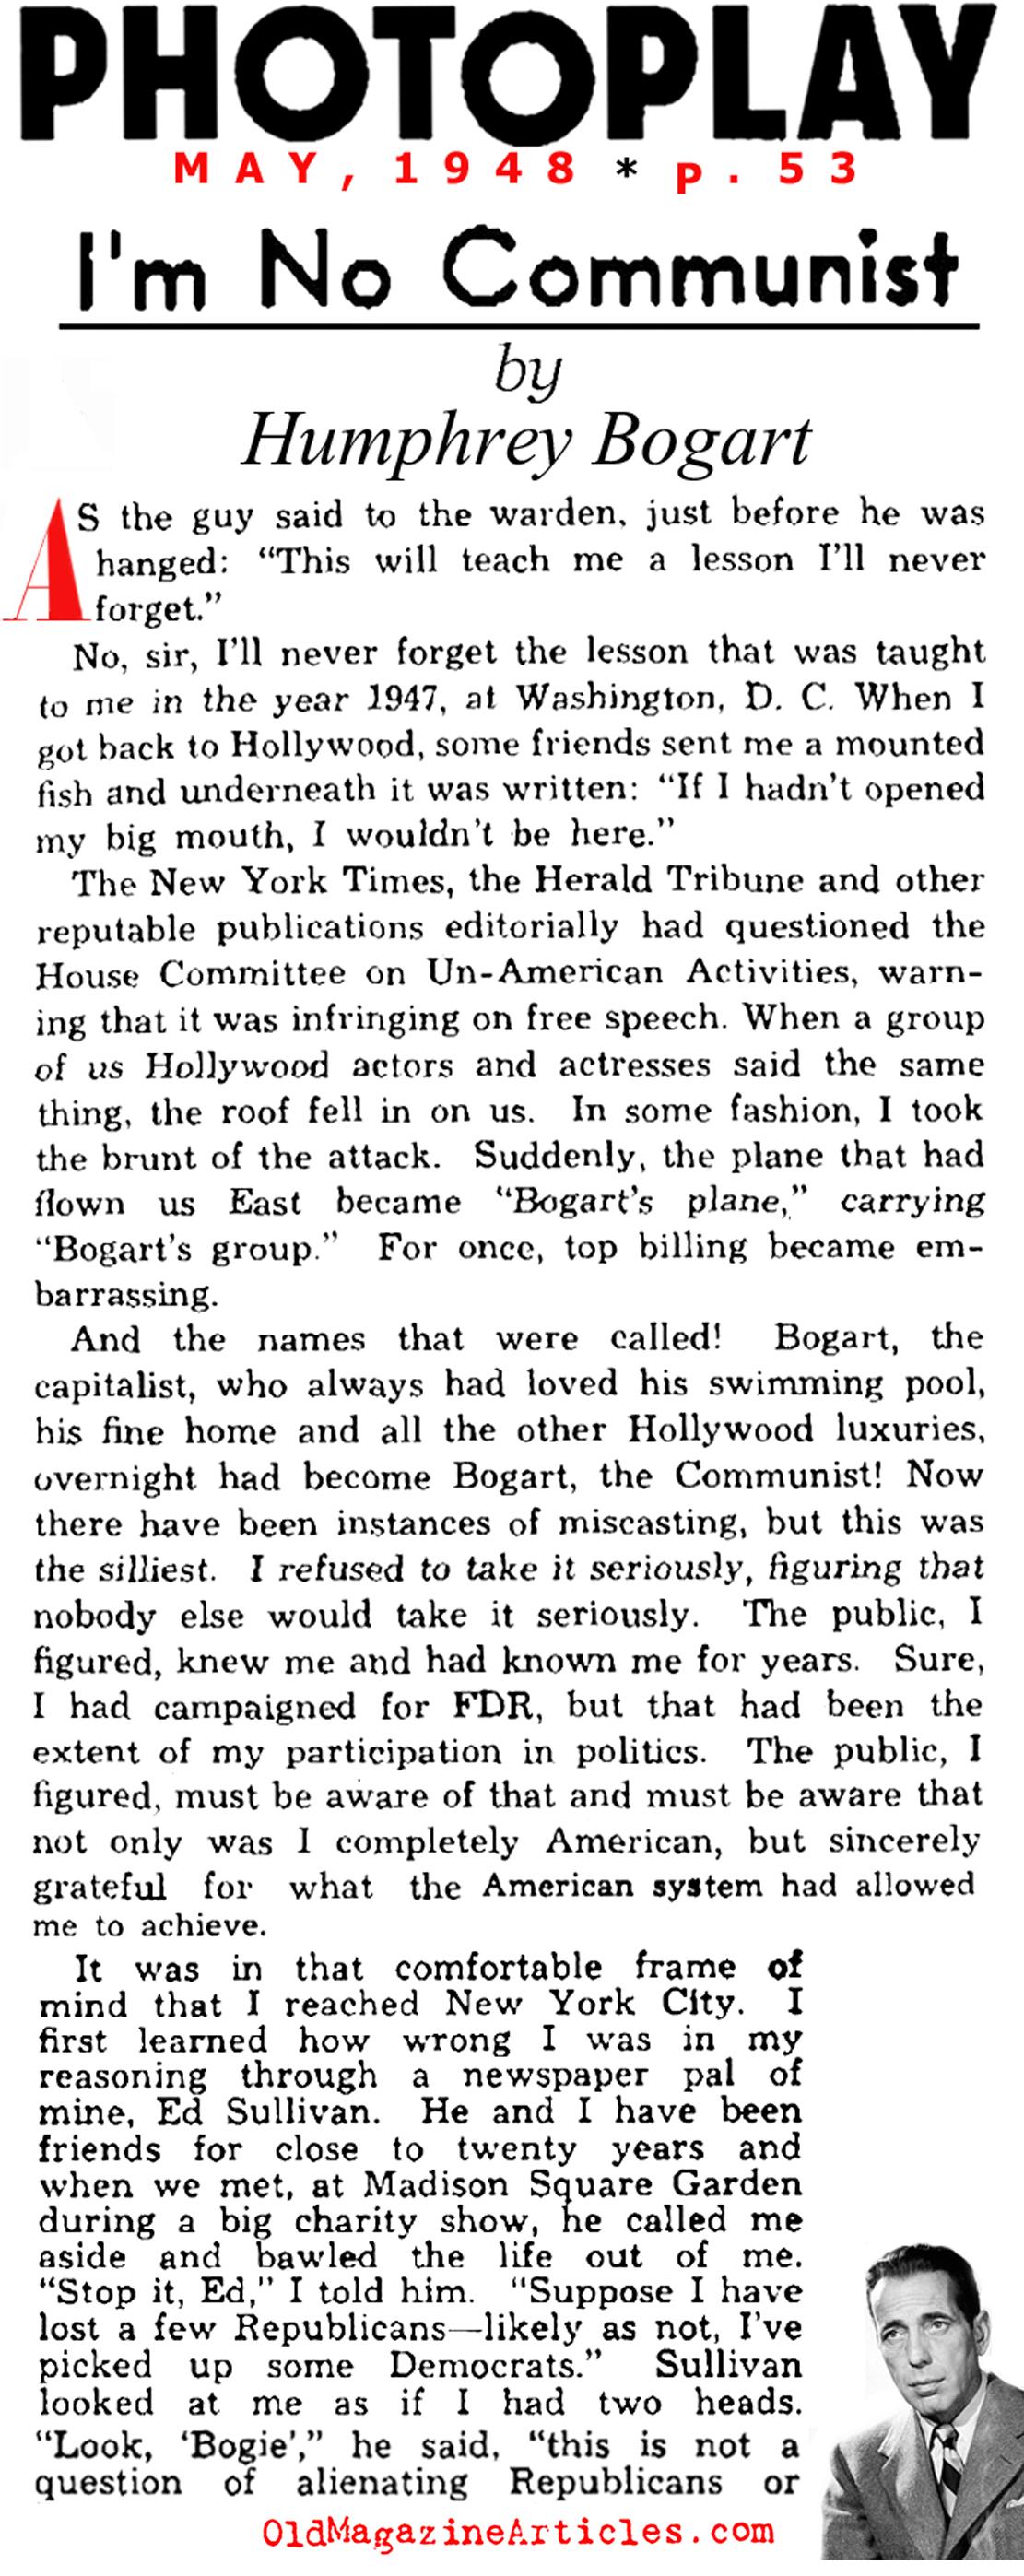 Humphrey_Bogart_article_0001.jpg